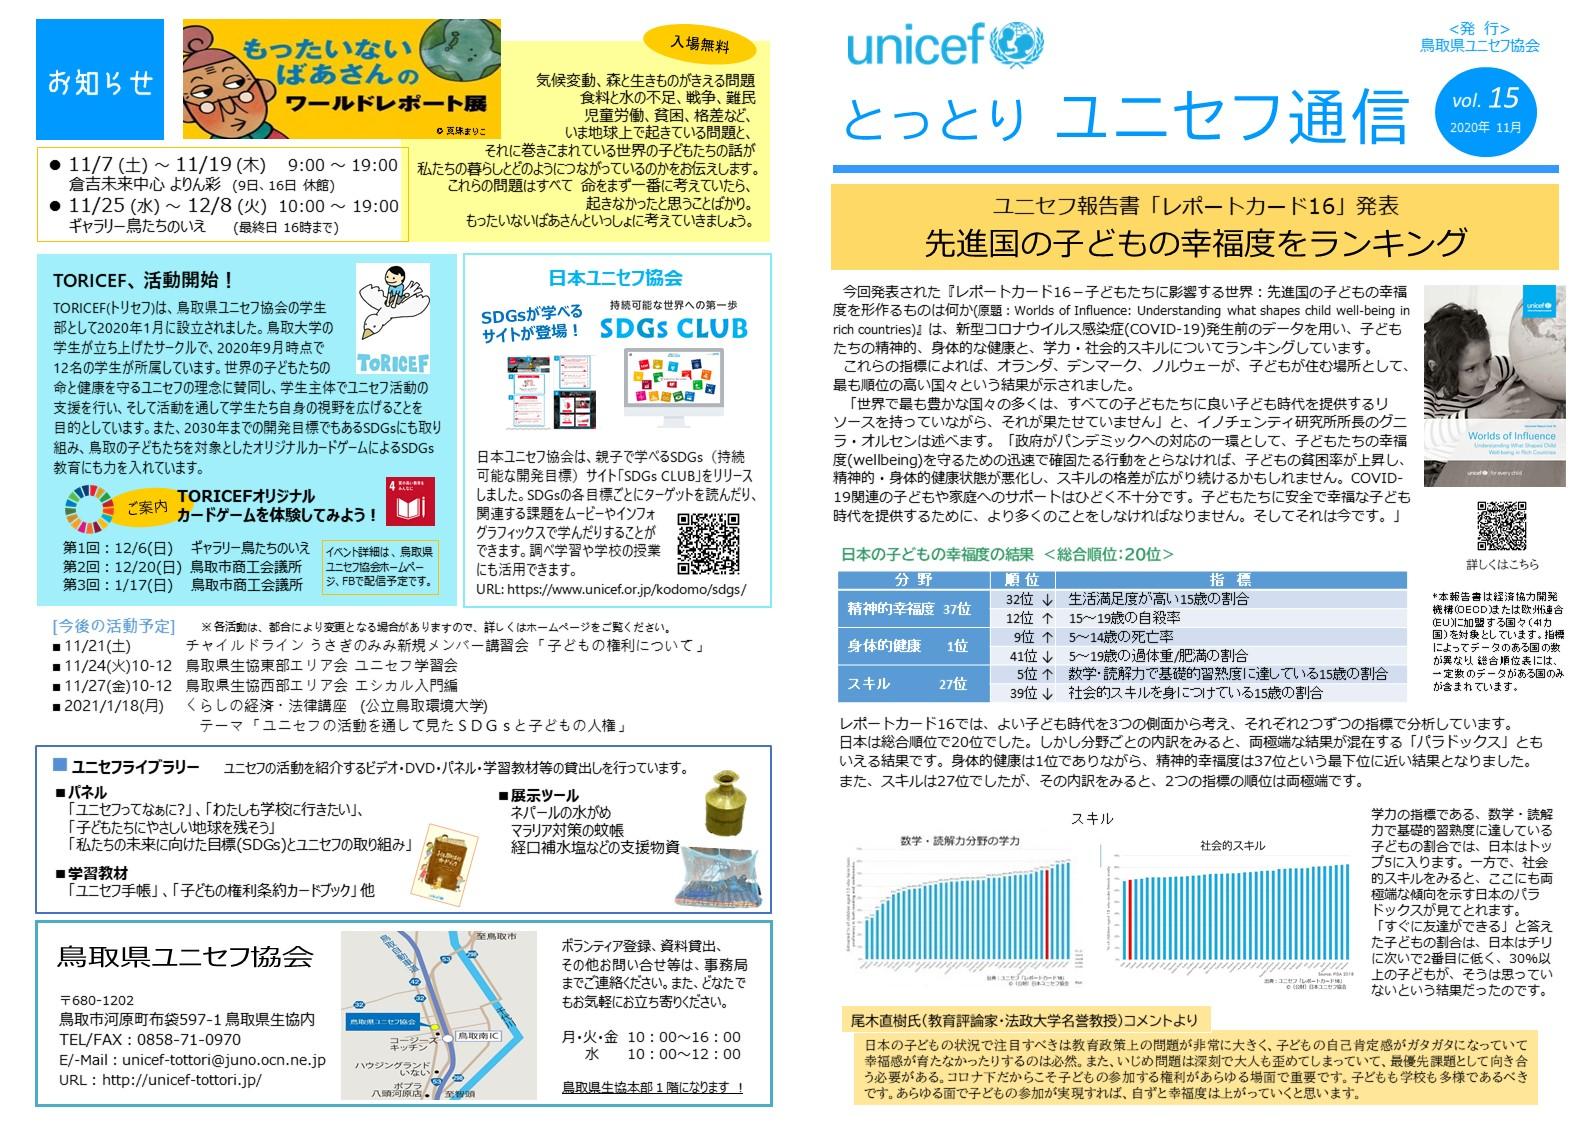 ユニセフ通信 No15 A3